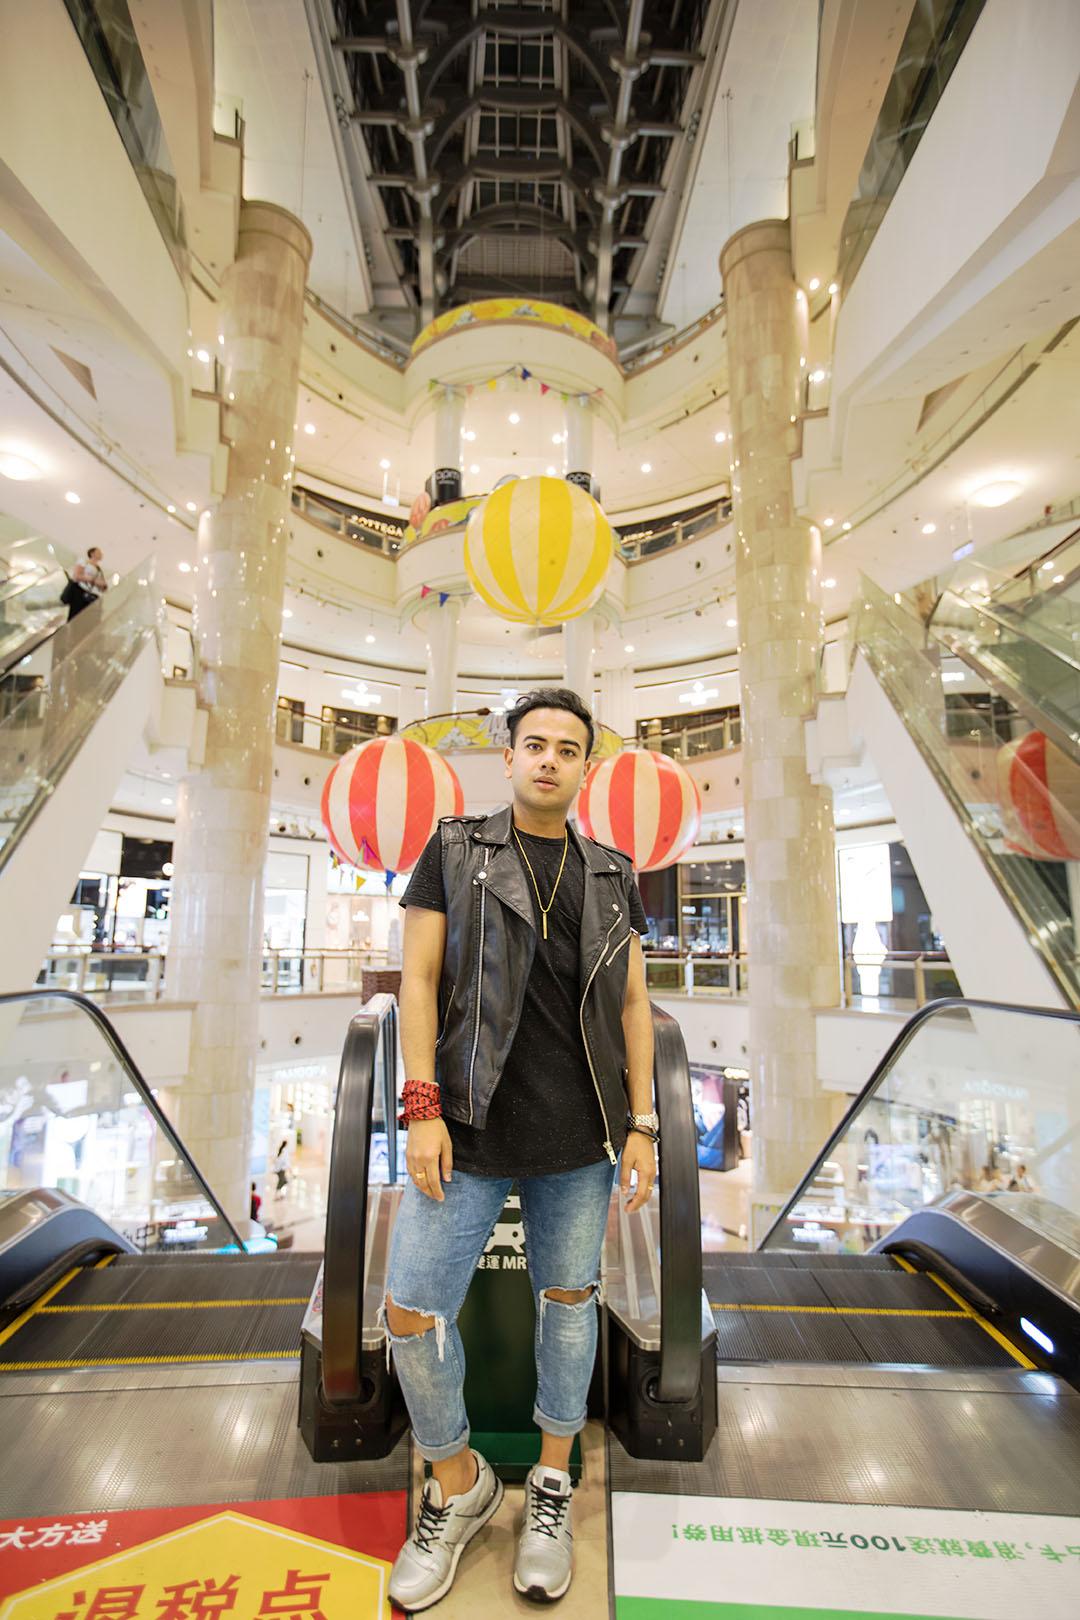 Taipei 101 + Fashion Show _+ Travel influencer + Photoshoot